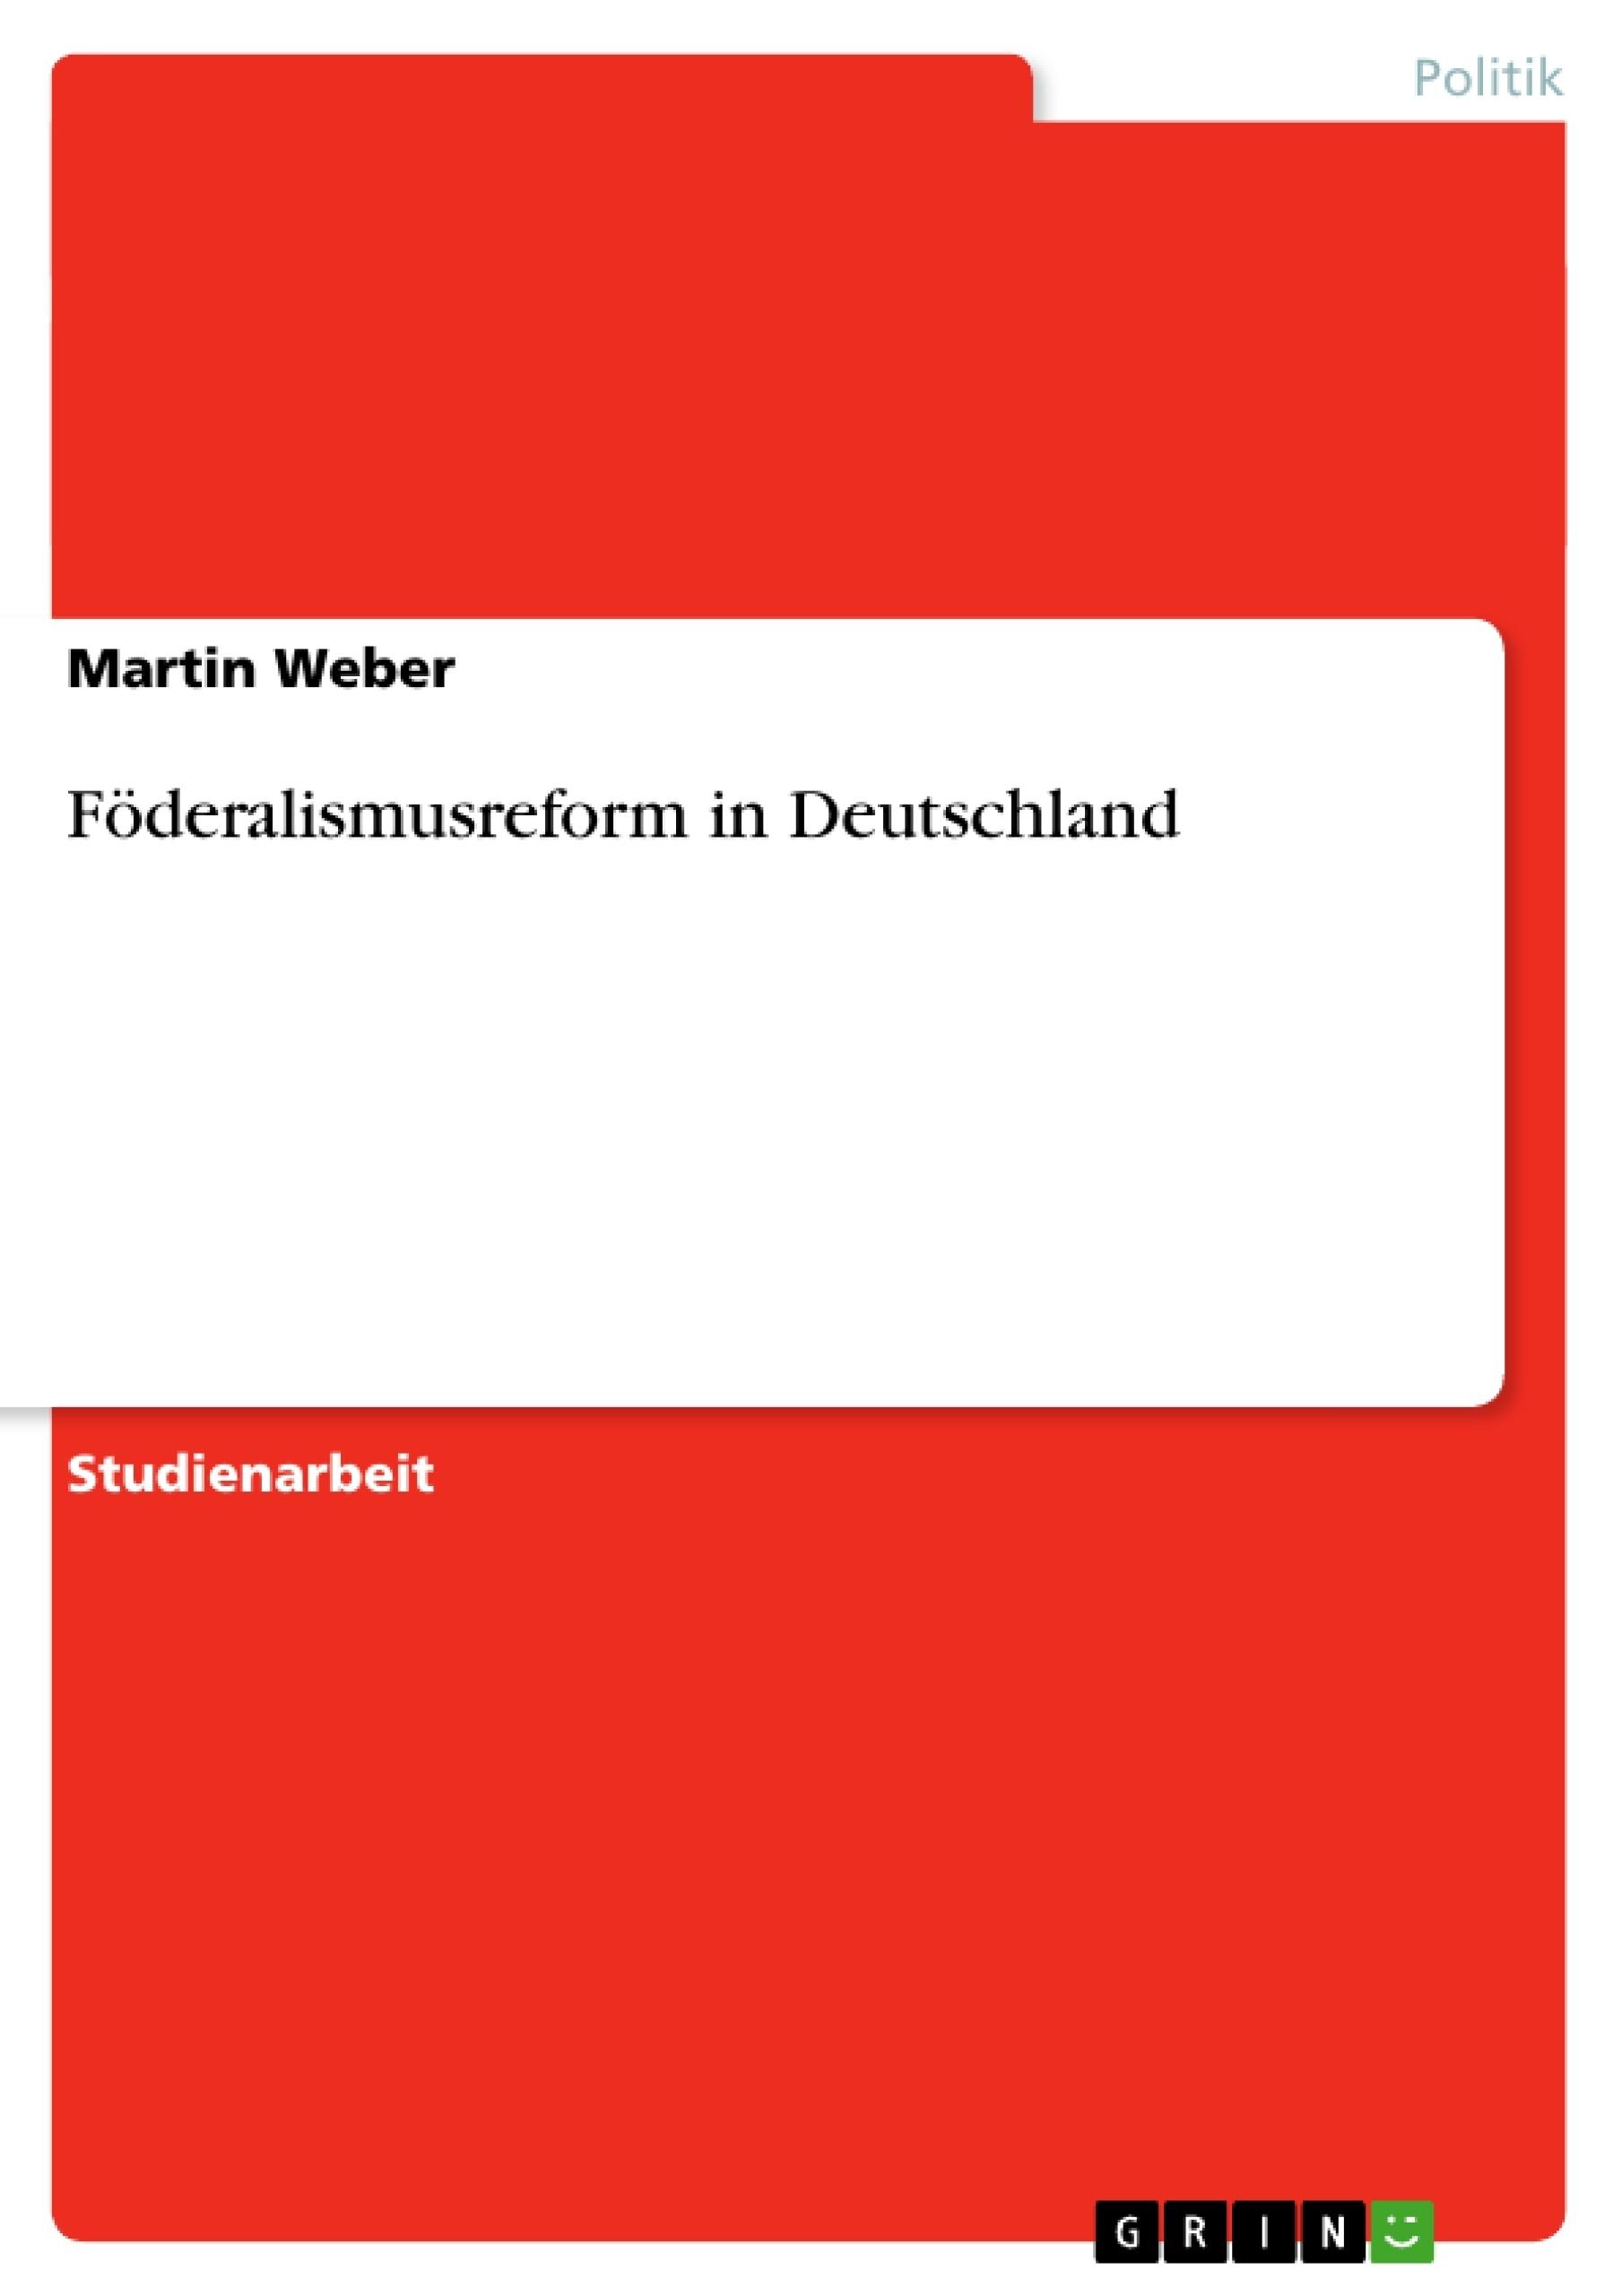 Titel: Föderalismusreform in Deutschland